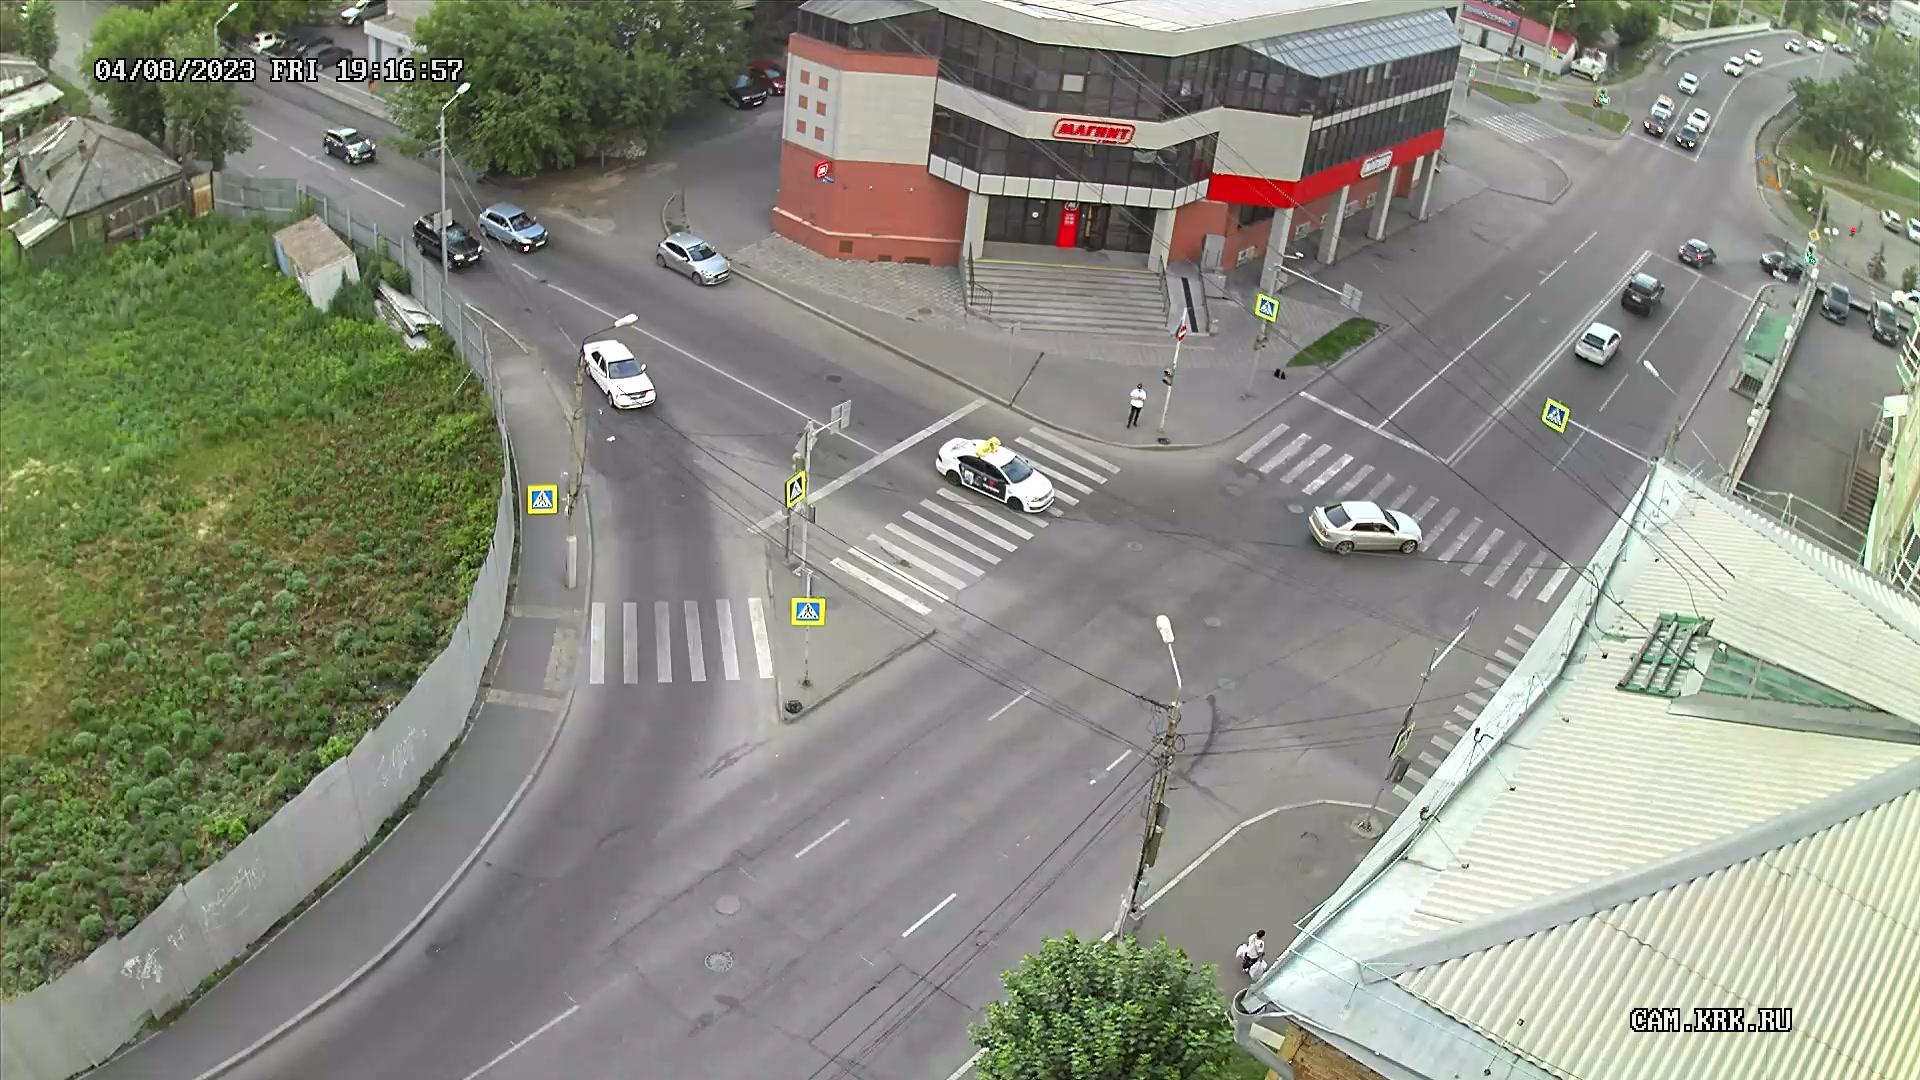 Веб камера Красноярск Супермаркет Магнит по улице Ады Лебедевой